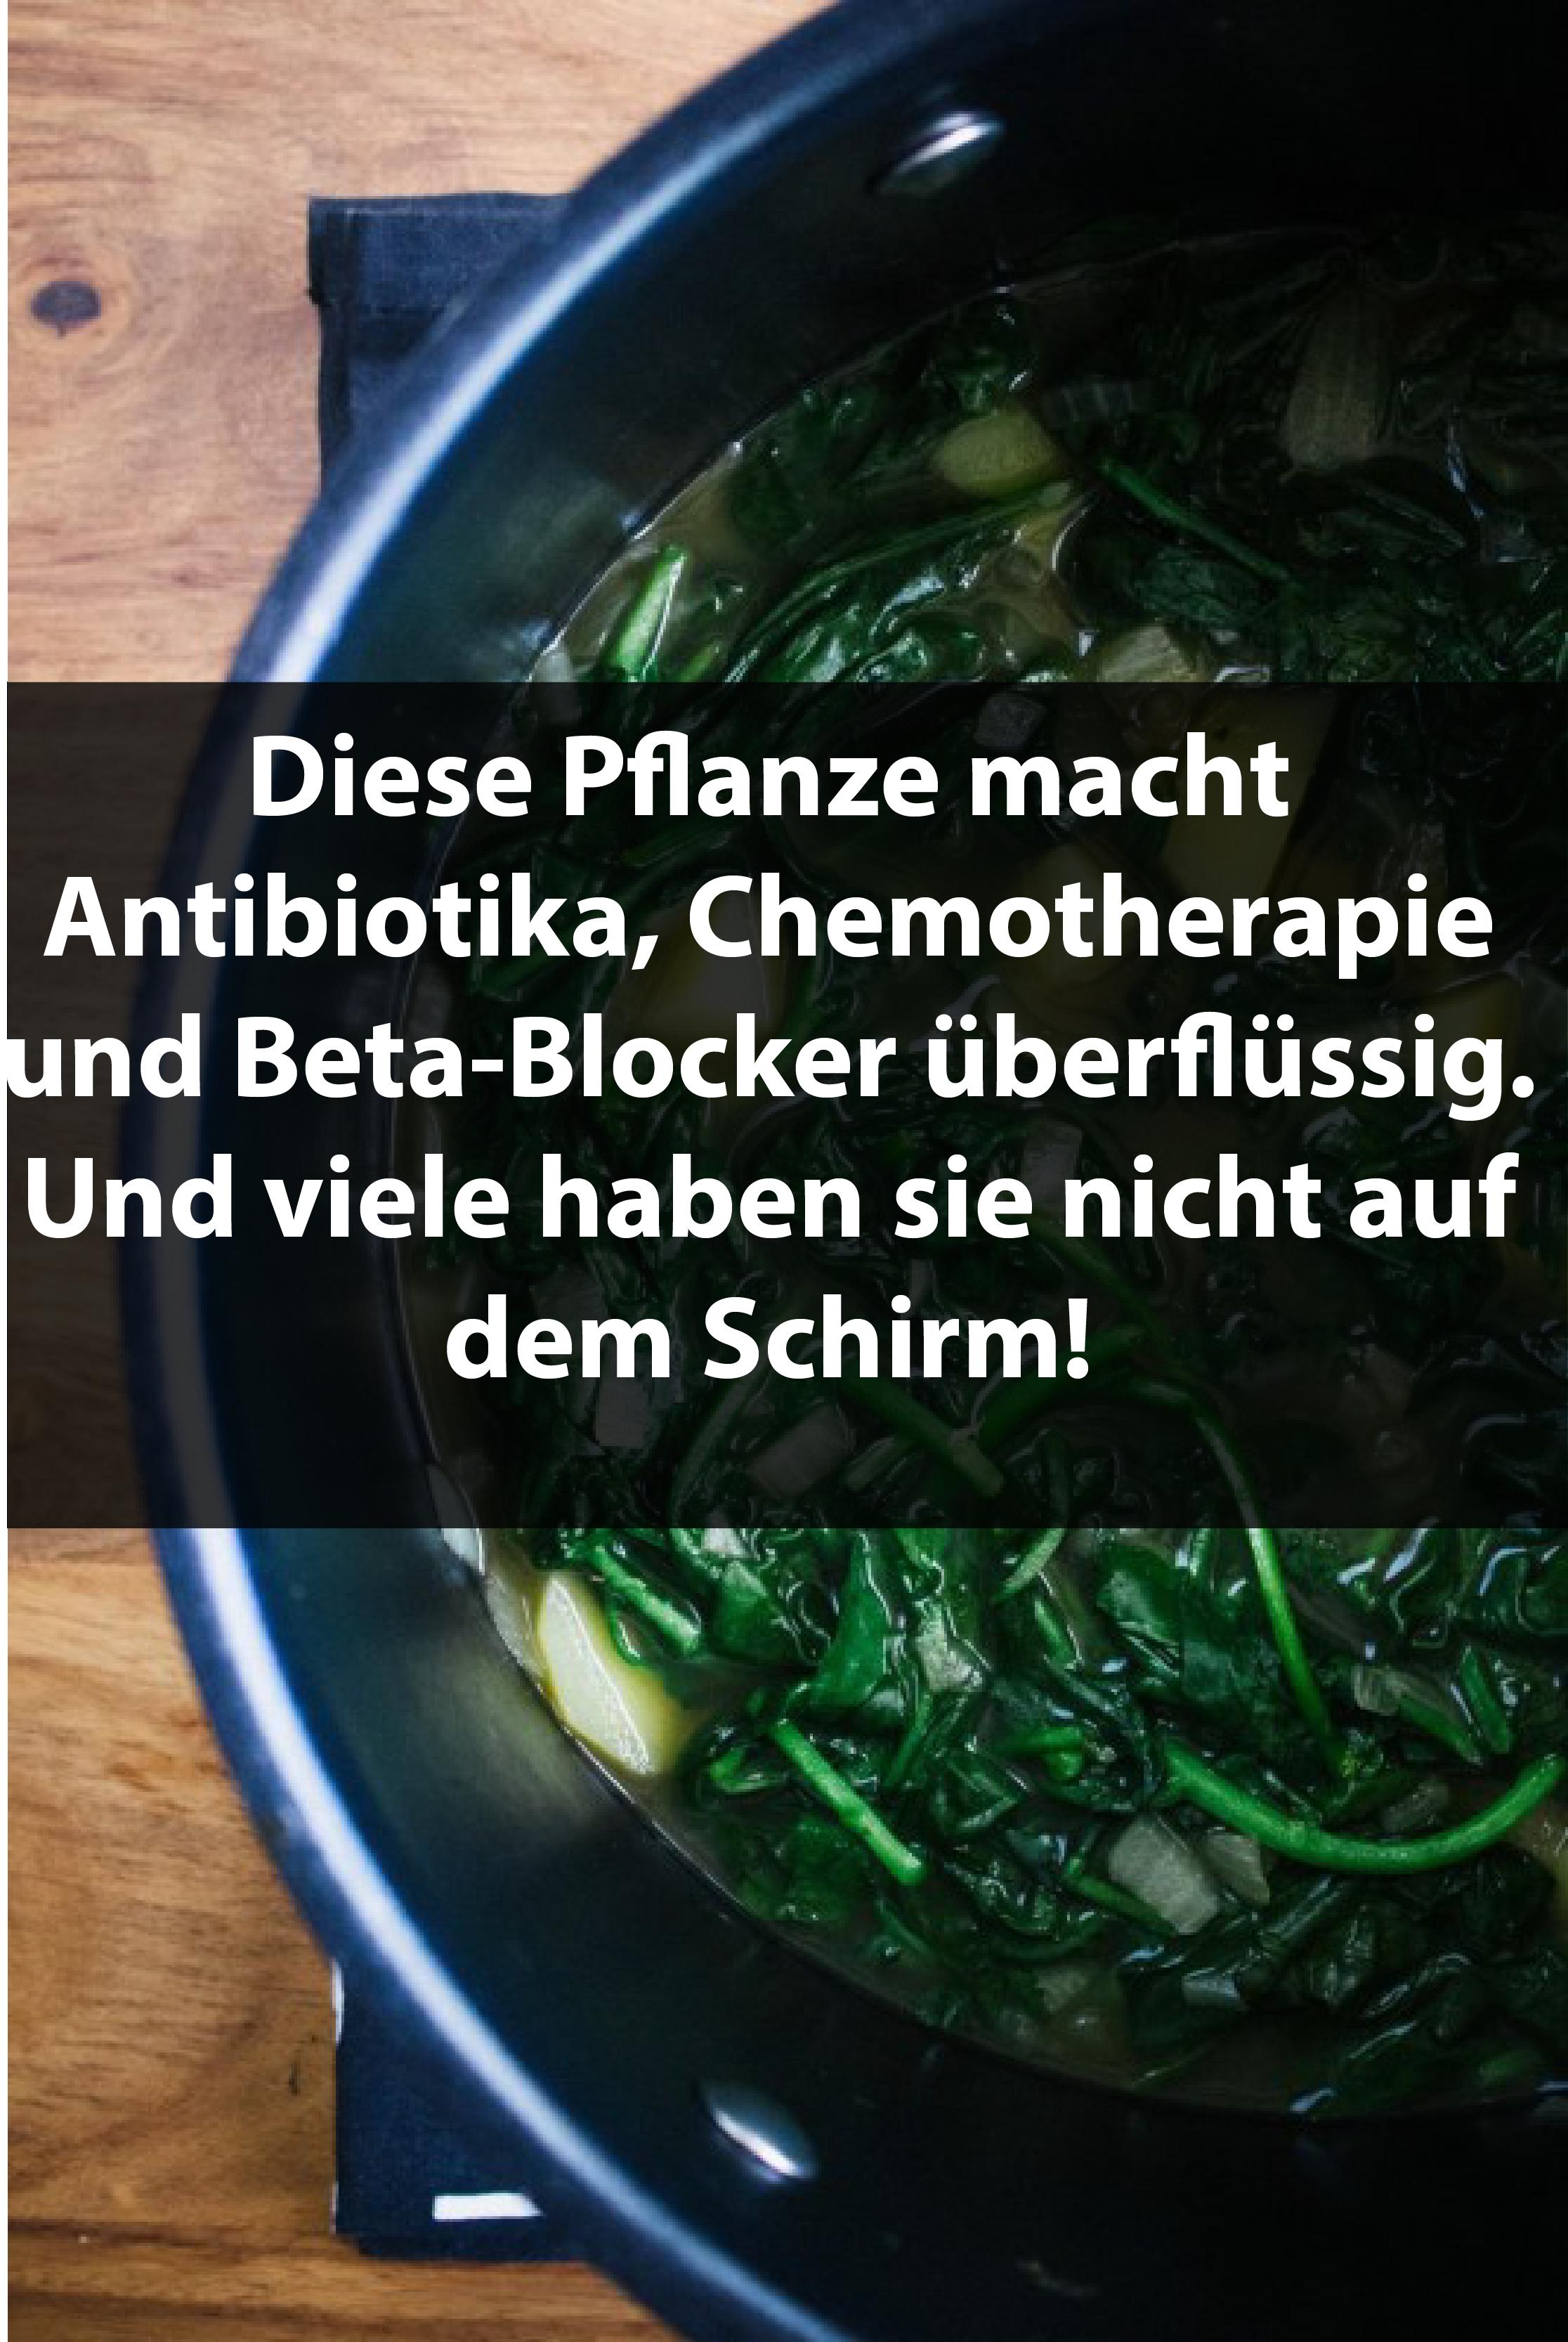 Diese Pflanze macht Antibiotika, Chemotherapie und Beta-Blocker überflüssig. Und viele haben sie nicht auf dem Schirm!